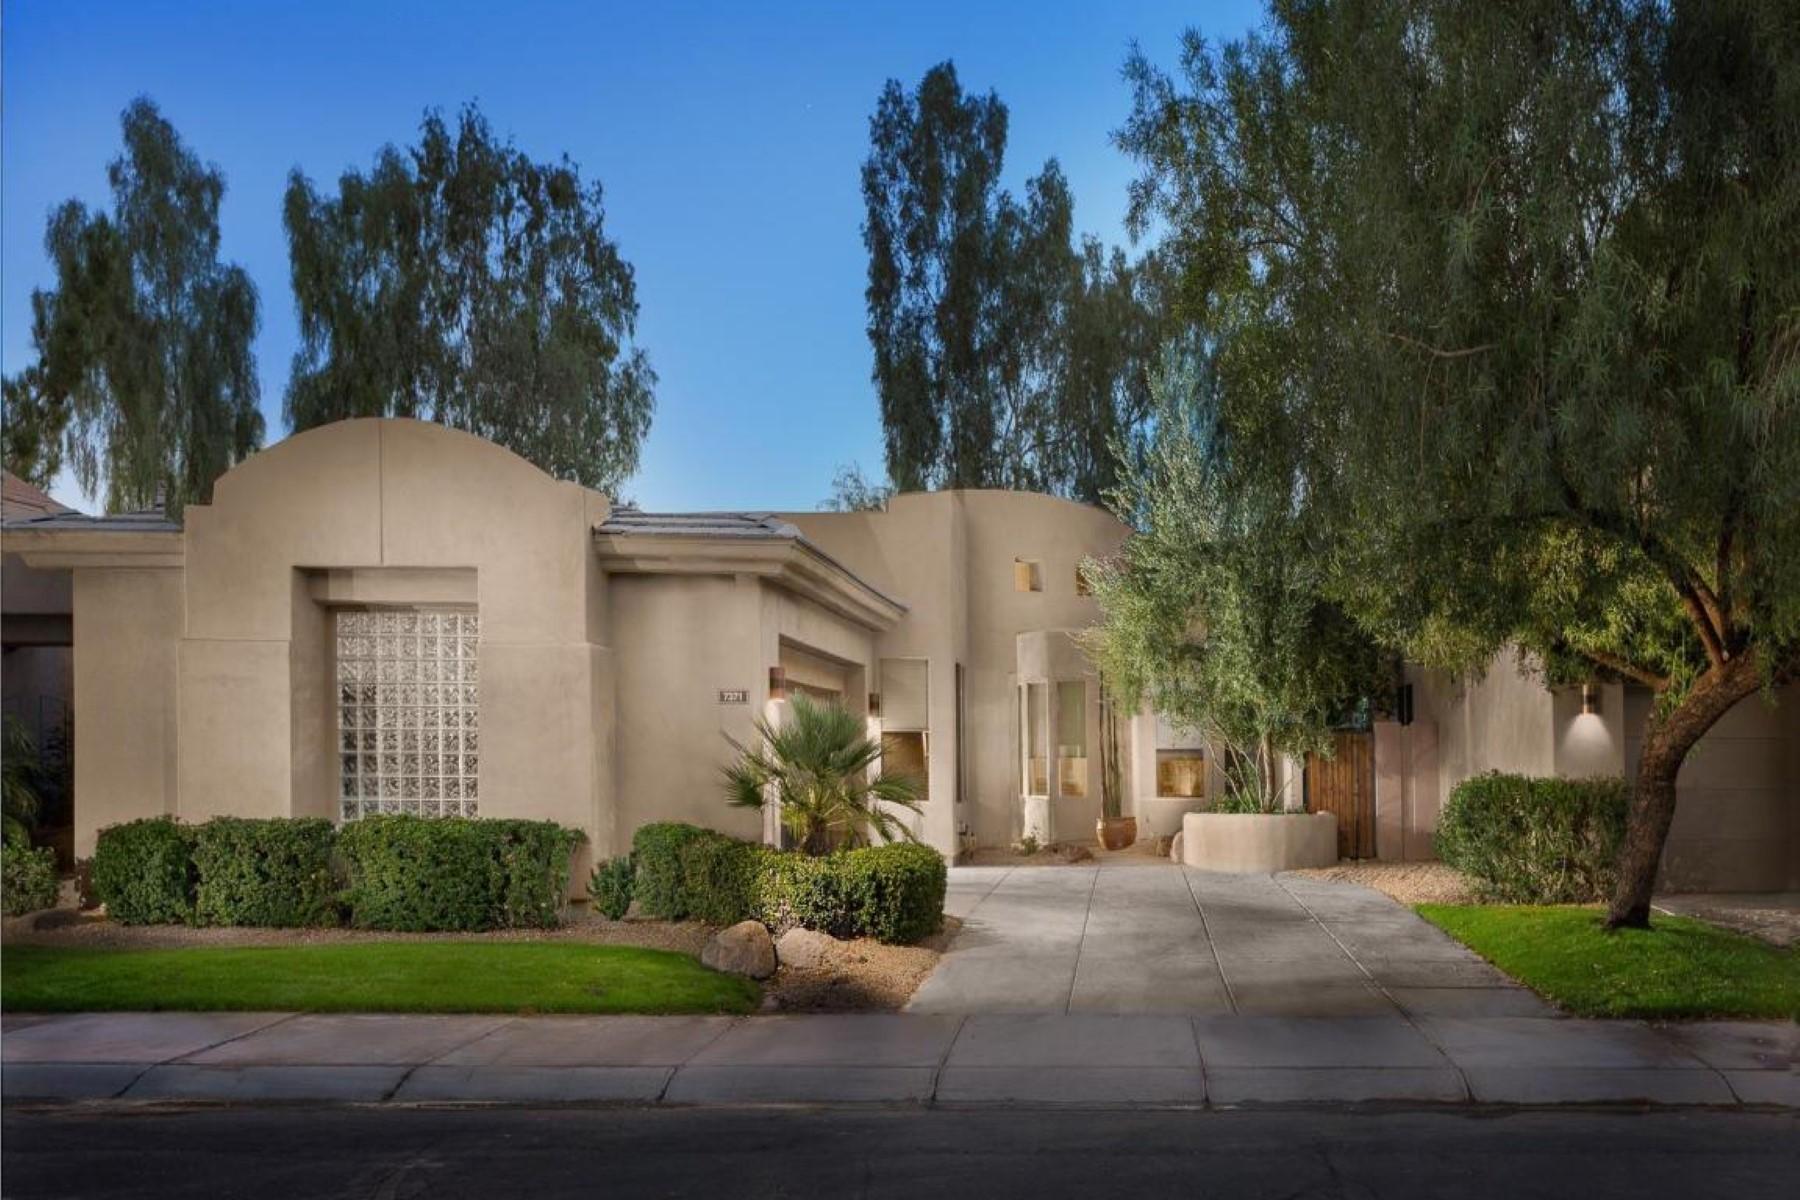 Nhà ở một gia đình vì Bán tại One level Capri Model in Gainey Valley 7371 E Vaquero Dr Scottsdale, Arizona, 85258 Hoa Kỳ